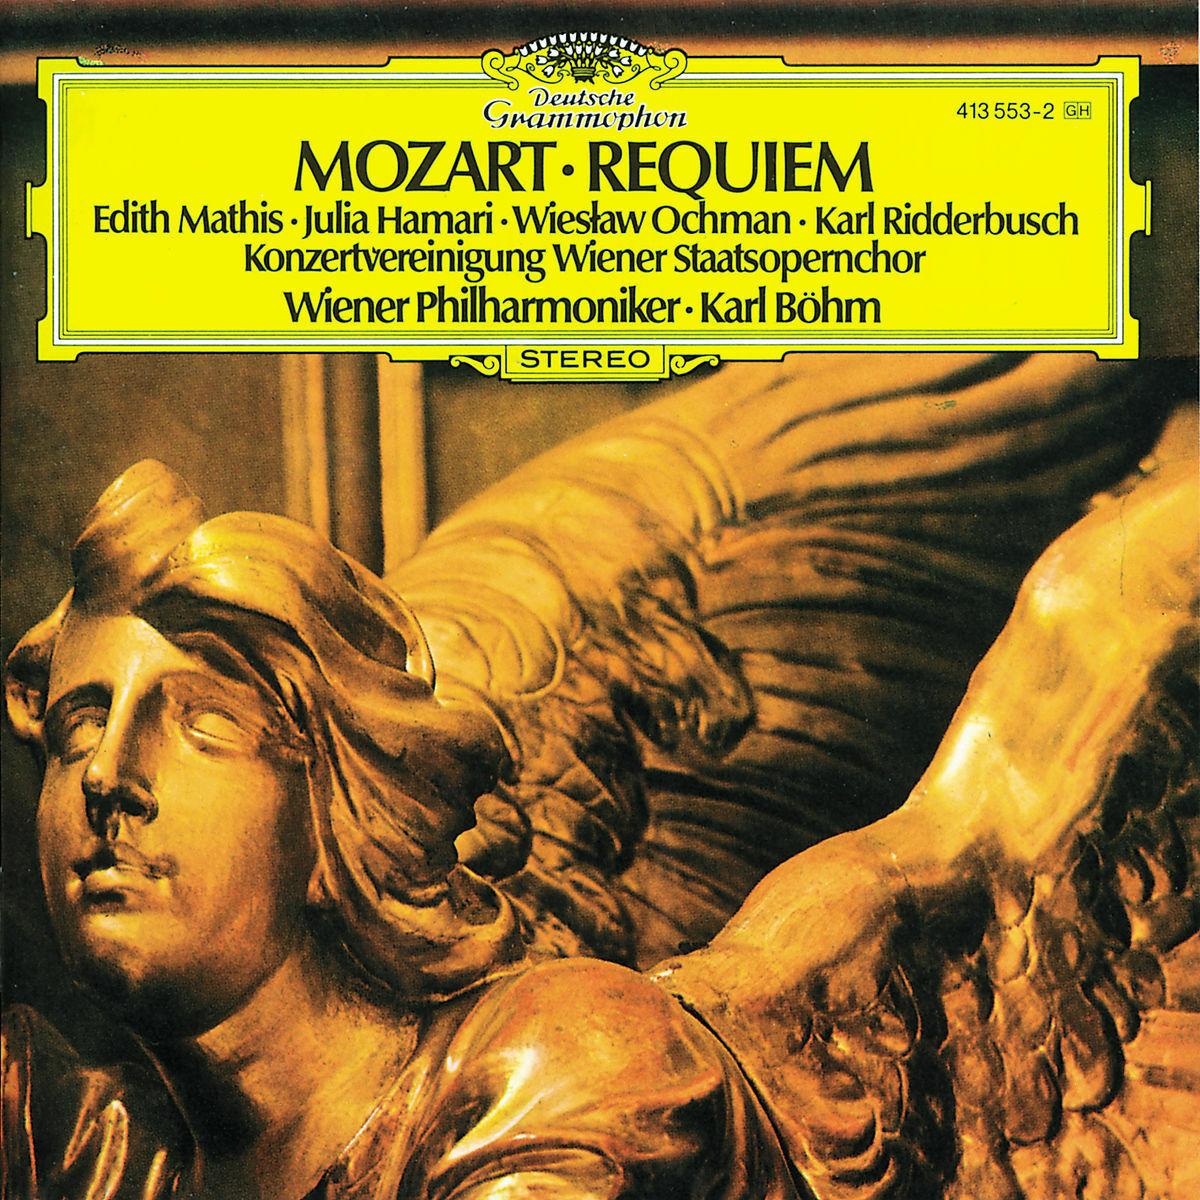 Karl Bohm. Mozart: Requiem c bohm lieder album